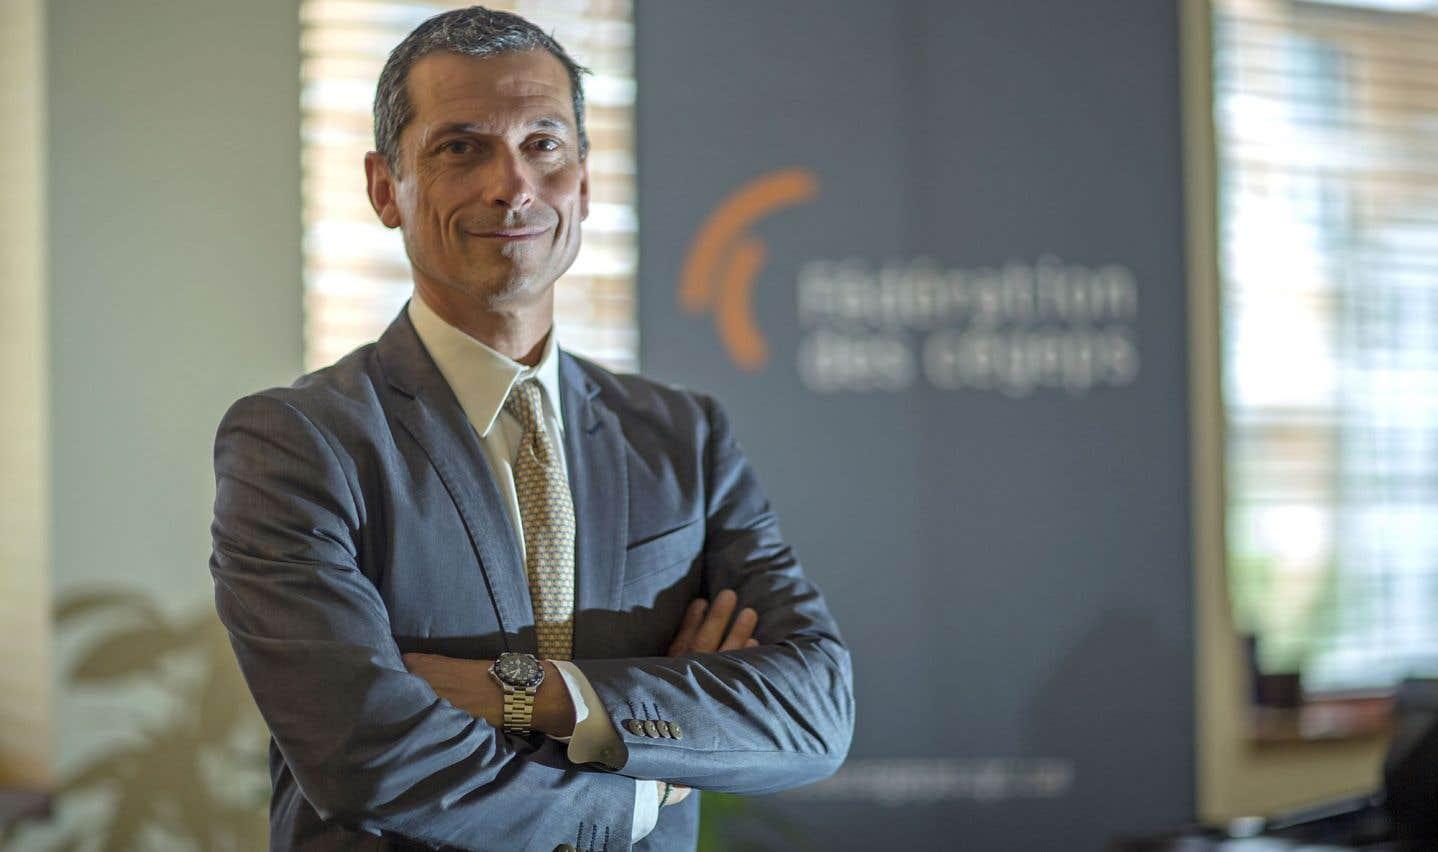 Le nouveau p.-d.g. de la Fédération des cégeps, Bernard Tremblay, s'inquiète de l'impact à long terme des compressions en éducation sur la disponibilité de main-d'œuvre qualifiée au Québec.